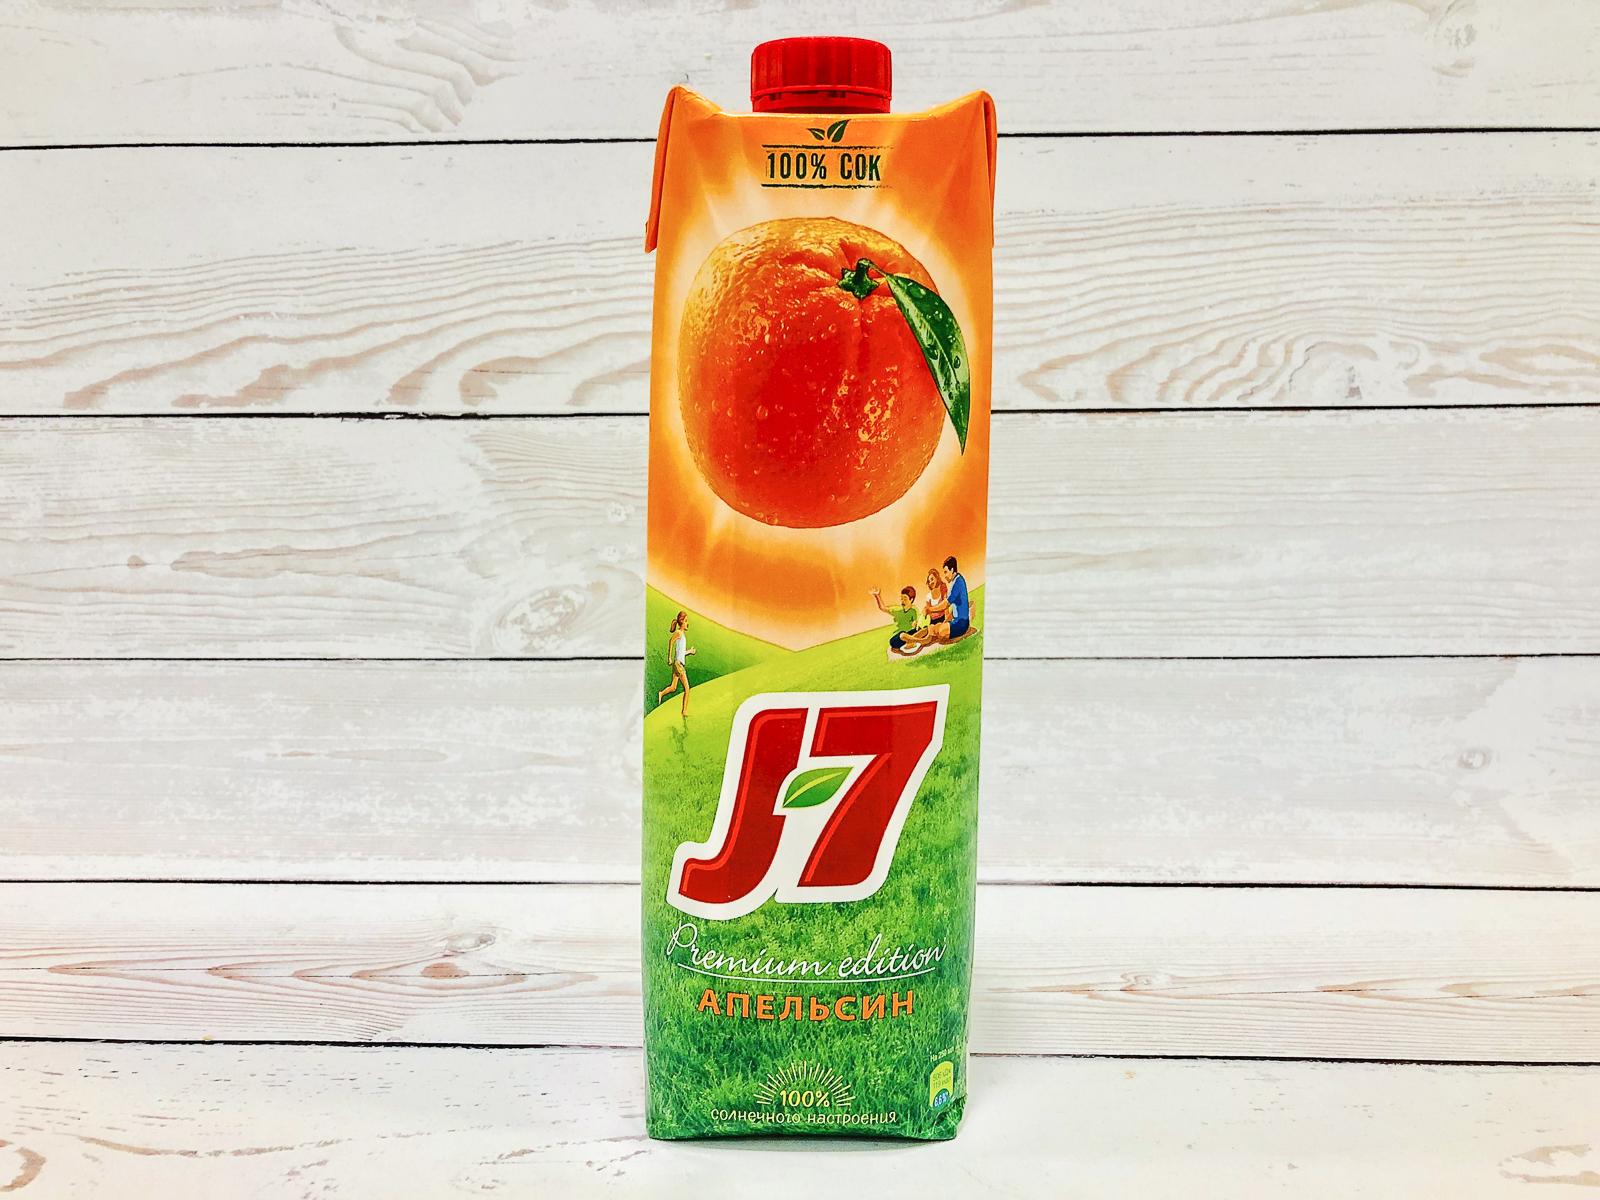 Сок J7 Апельсиновый